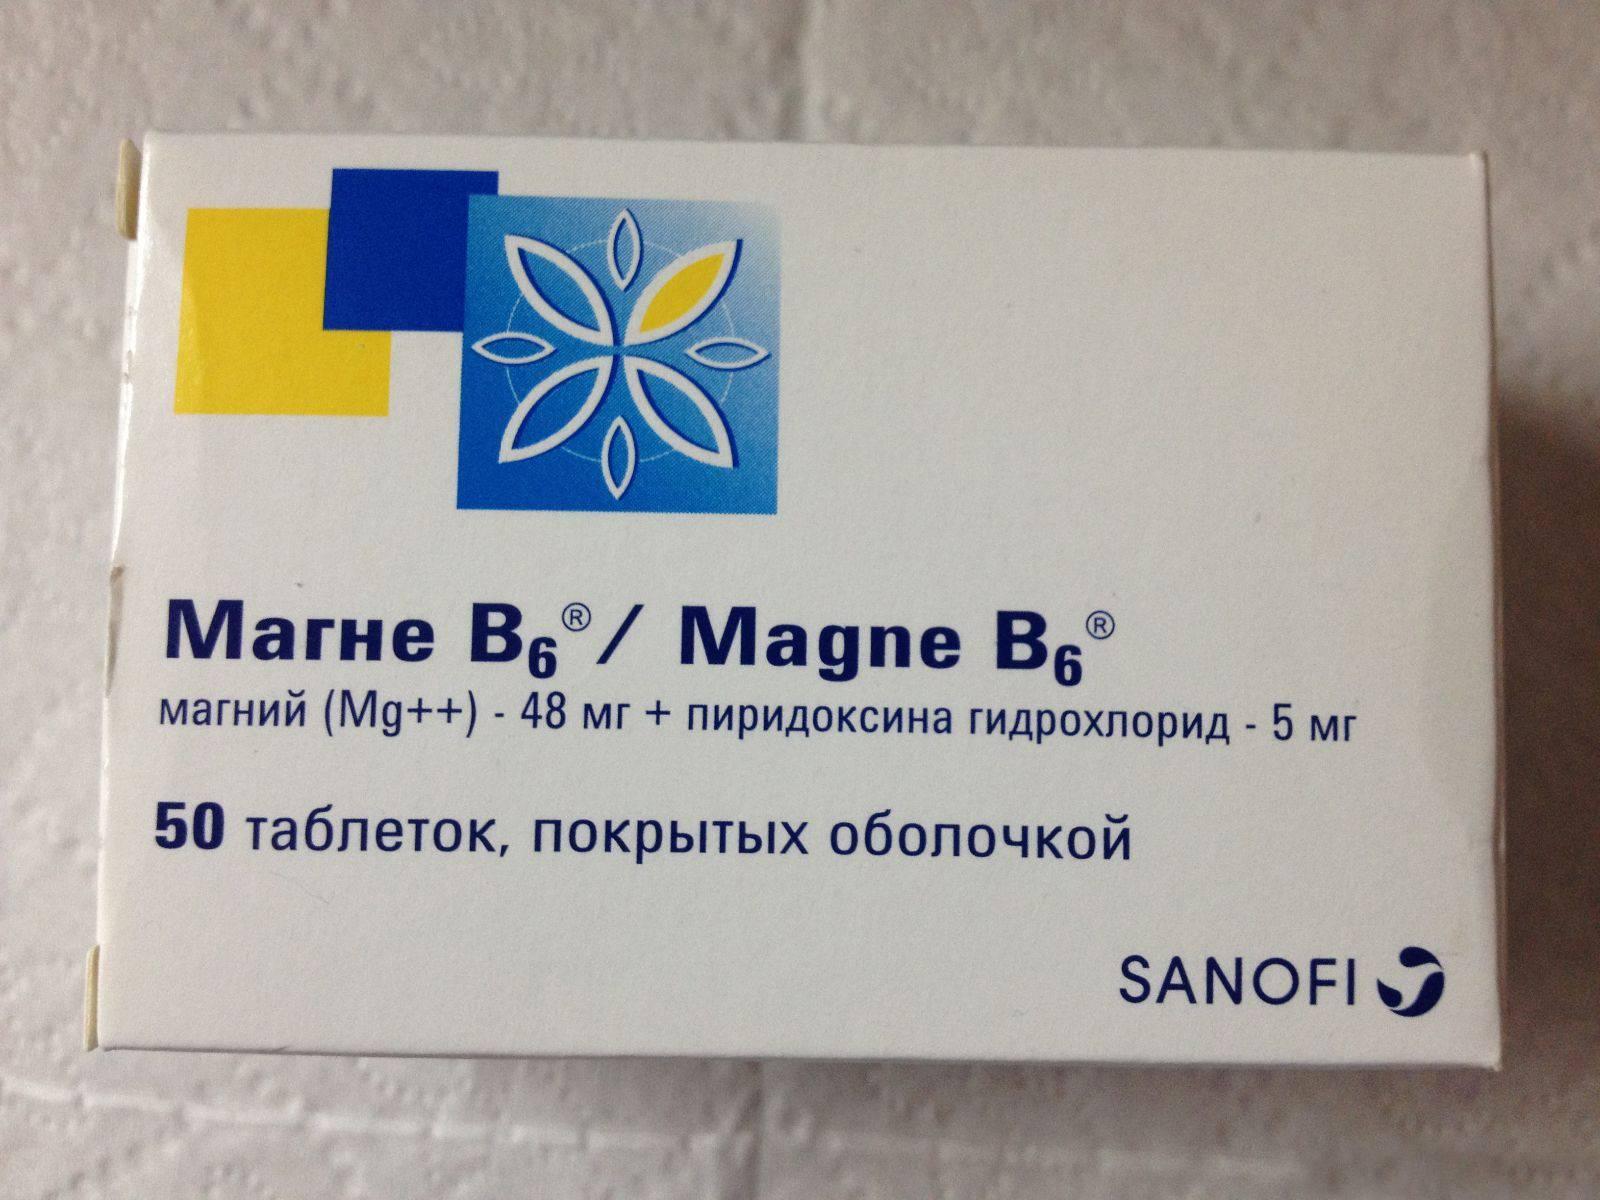 Магнелис в6 и магний в6: в чем разница, какой из препаратов лучше? | медикаменты | vpolozhenii.com